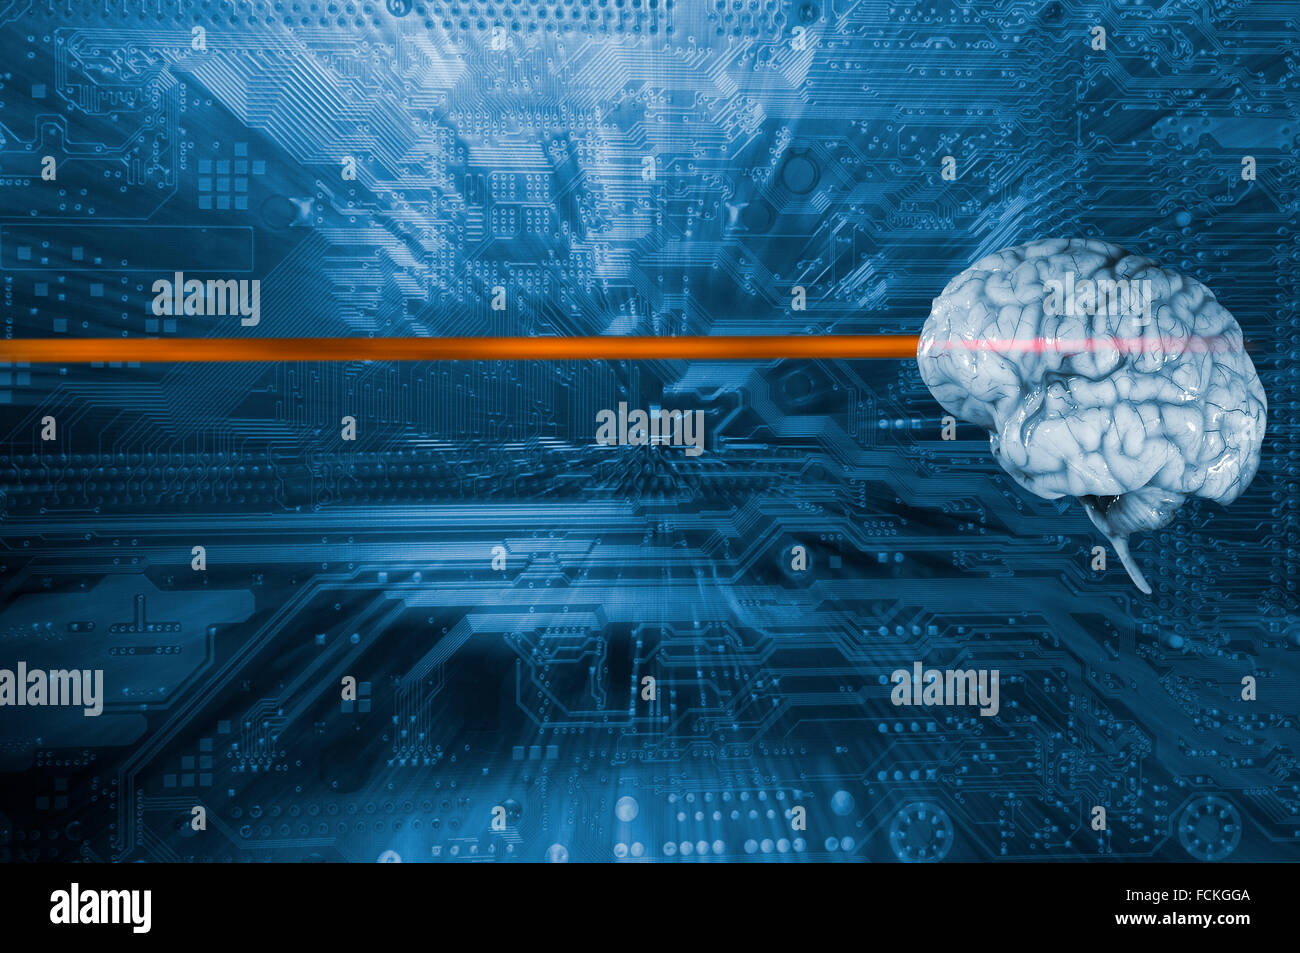 Cervello umano e computer circuitboard, intelligenza artificiale Immagini Stock